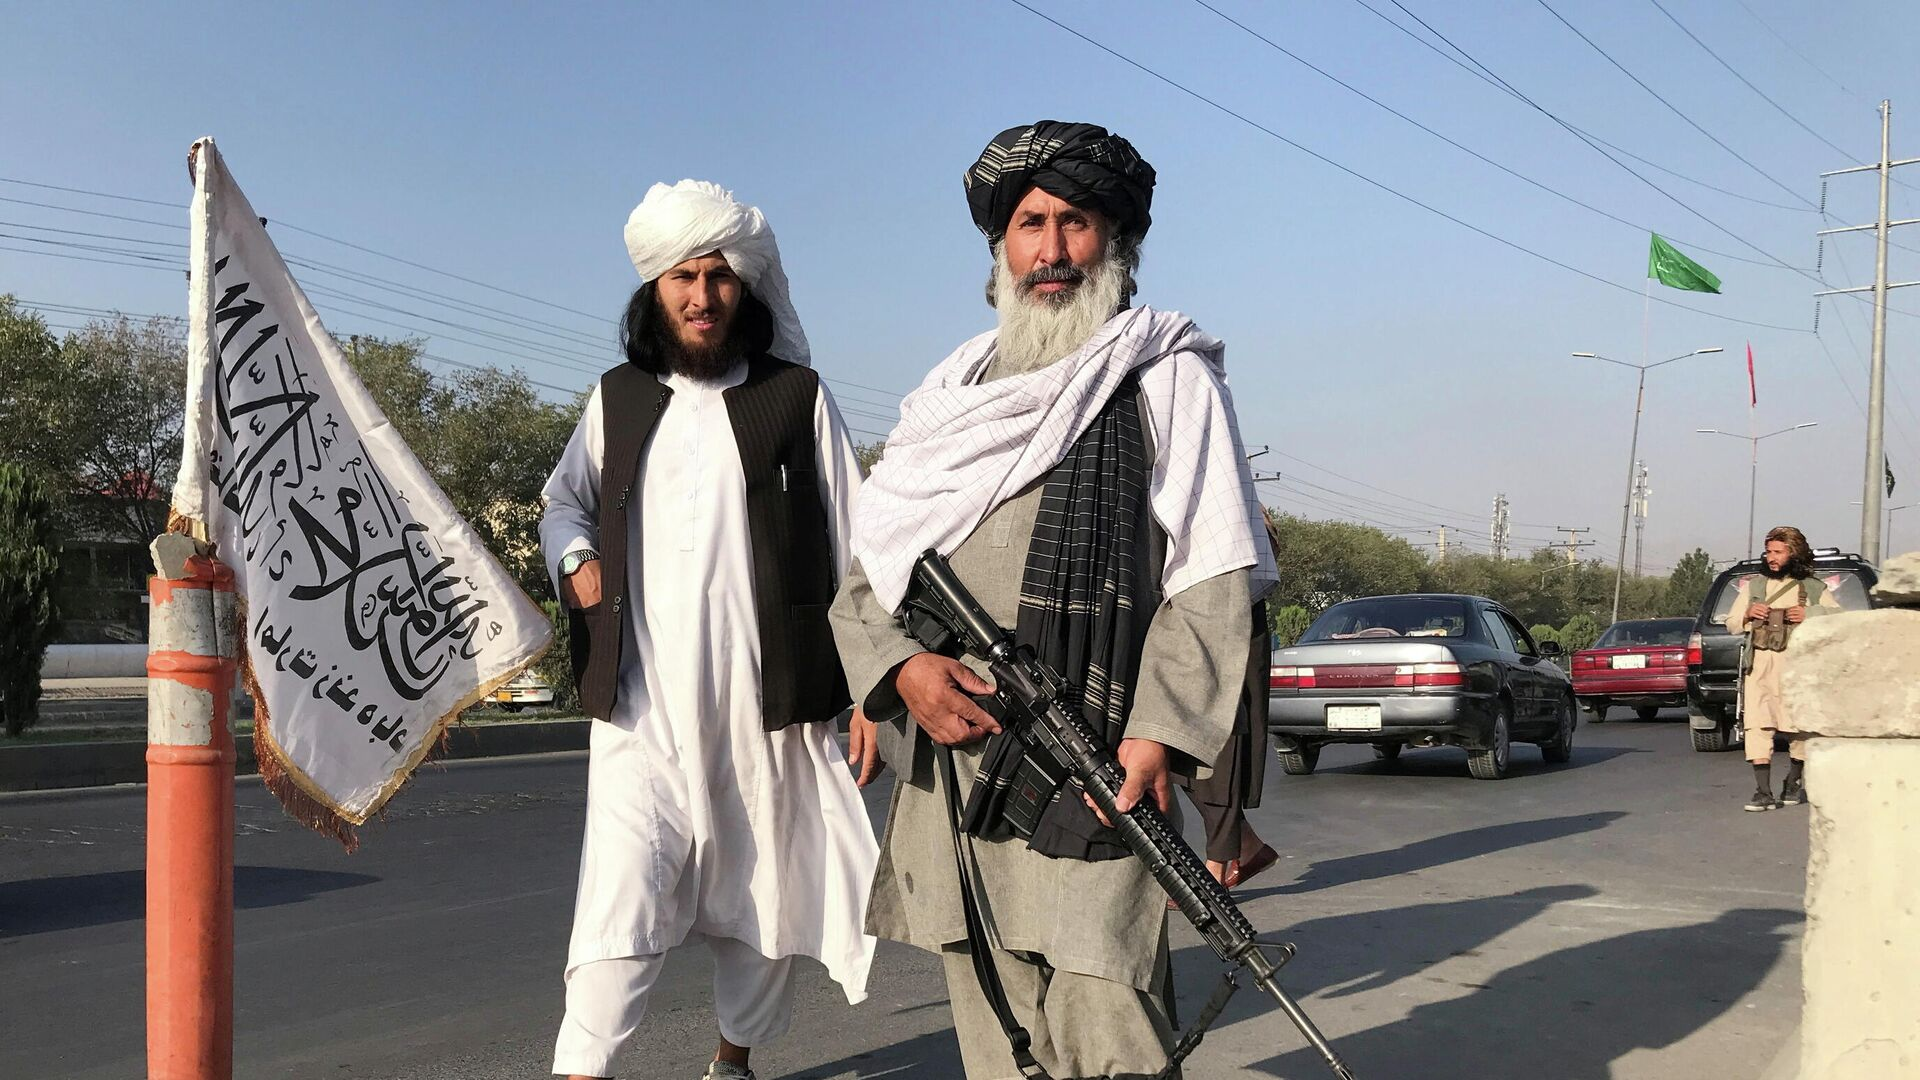 Боевики Талибана* у здания Министерства внутренних дел в Кабуле - РИА Новости, 1920, 17.08.2021